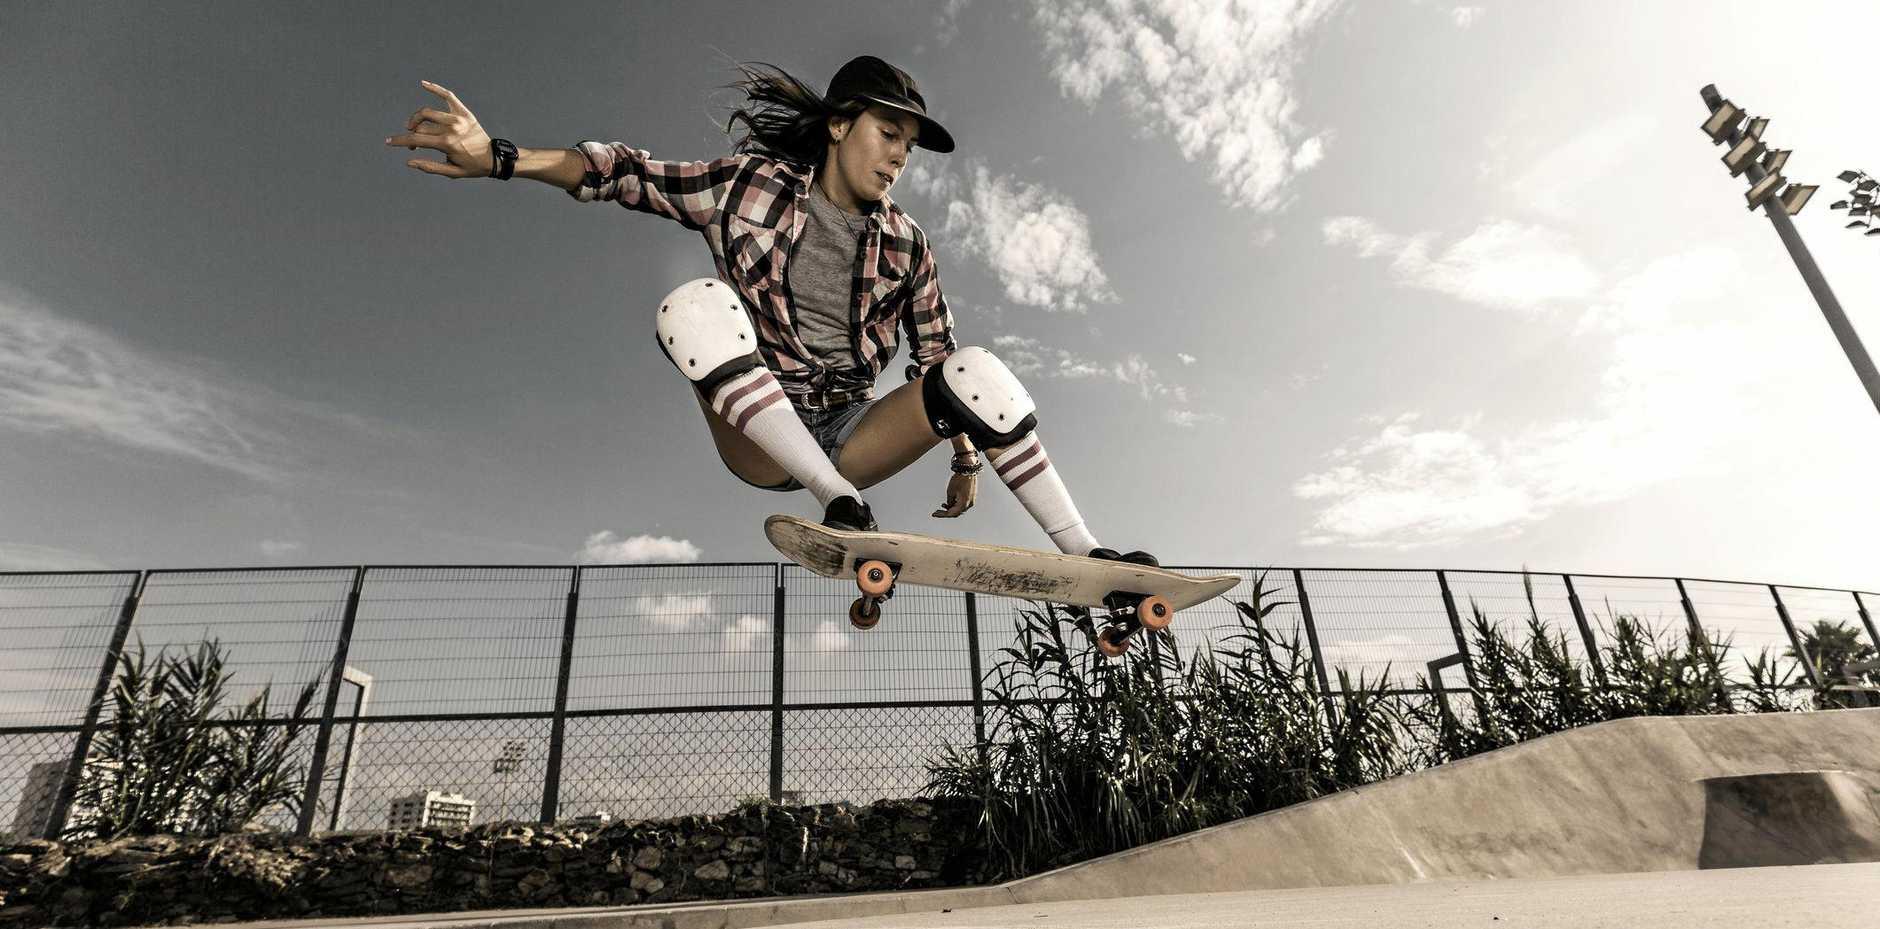 Skateboard workshops will be held in Bundamba.